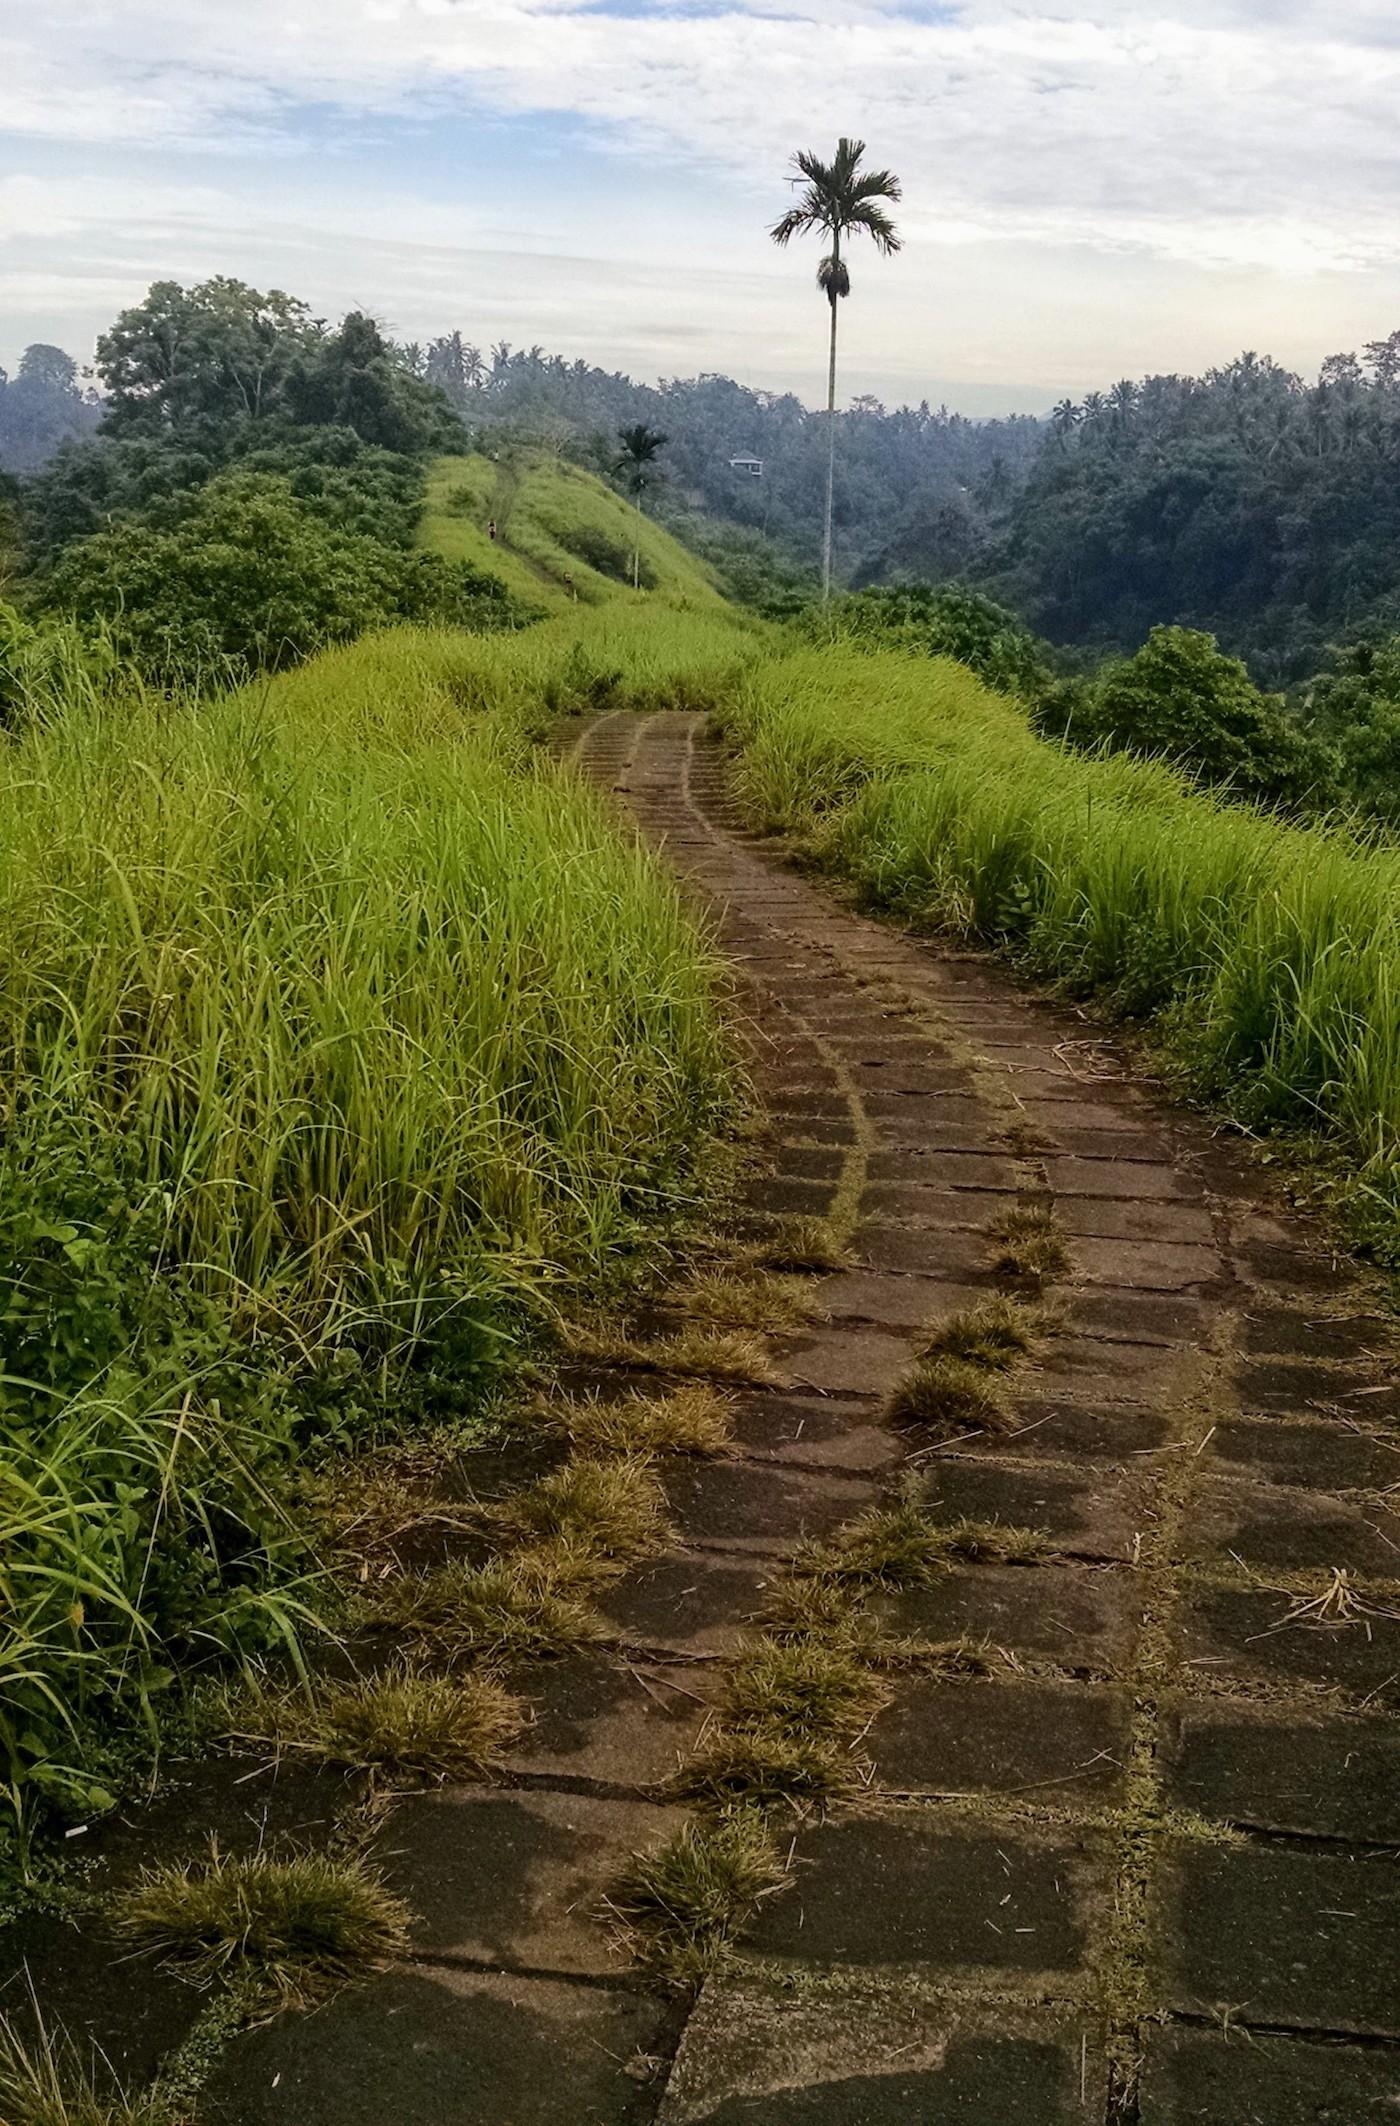 Ridge walk, mid-morning